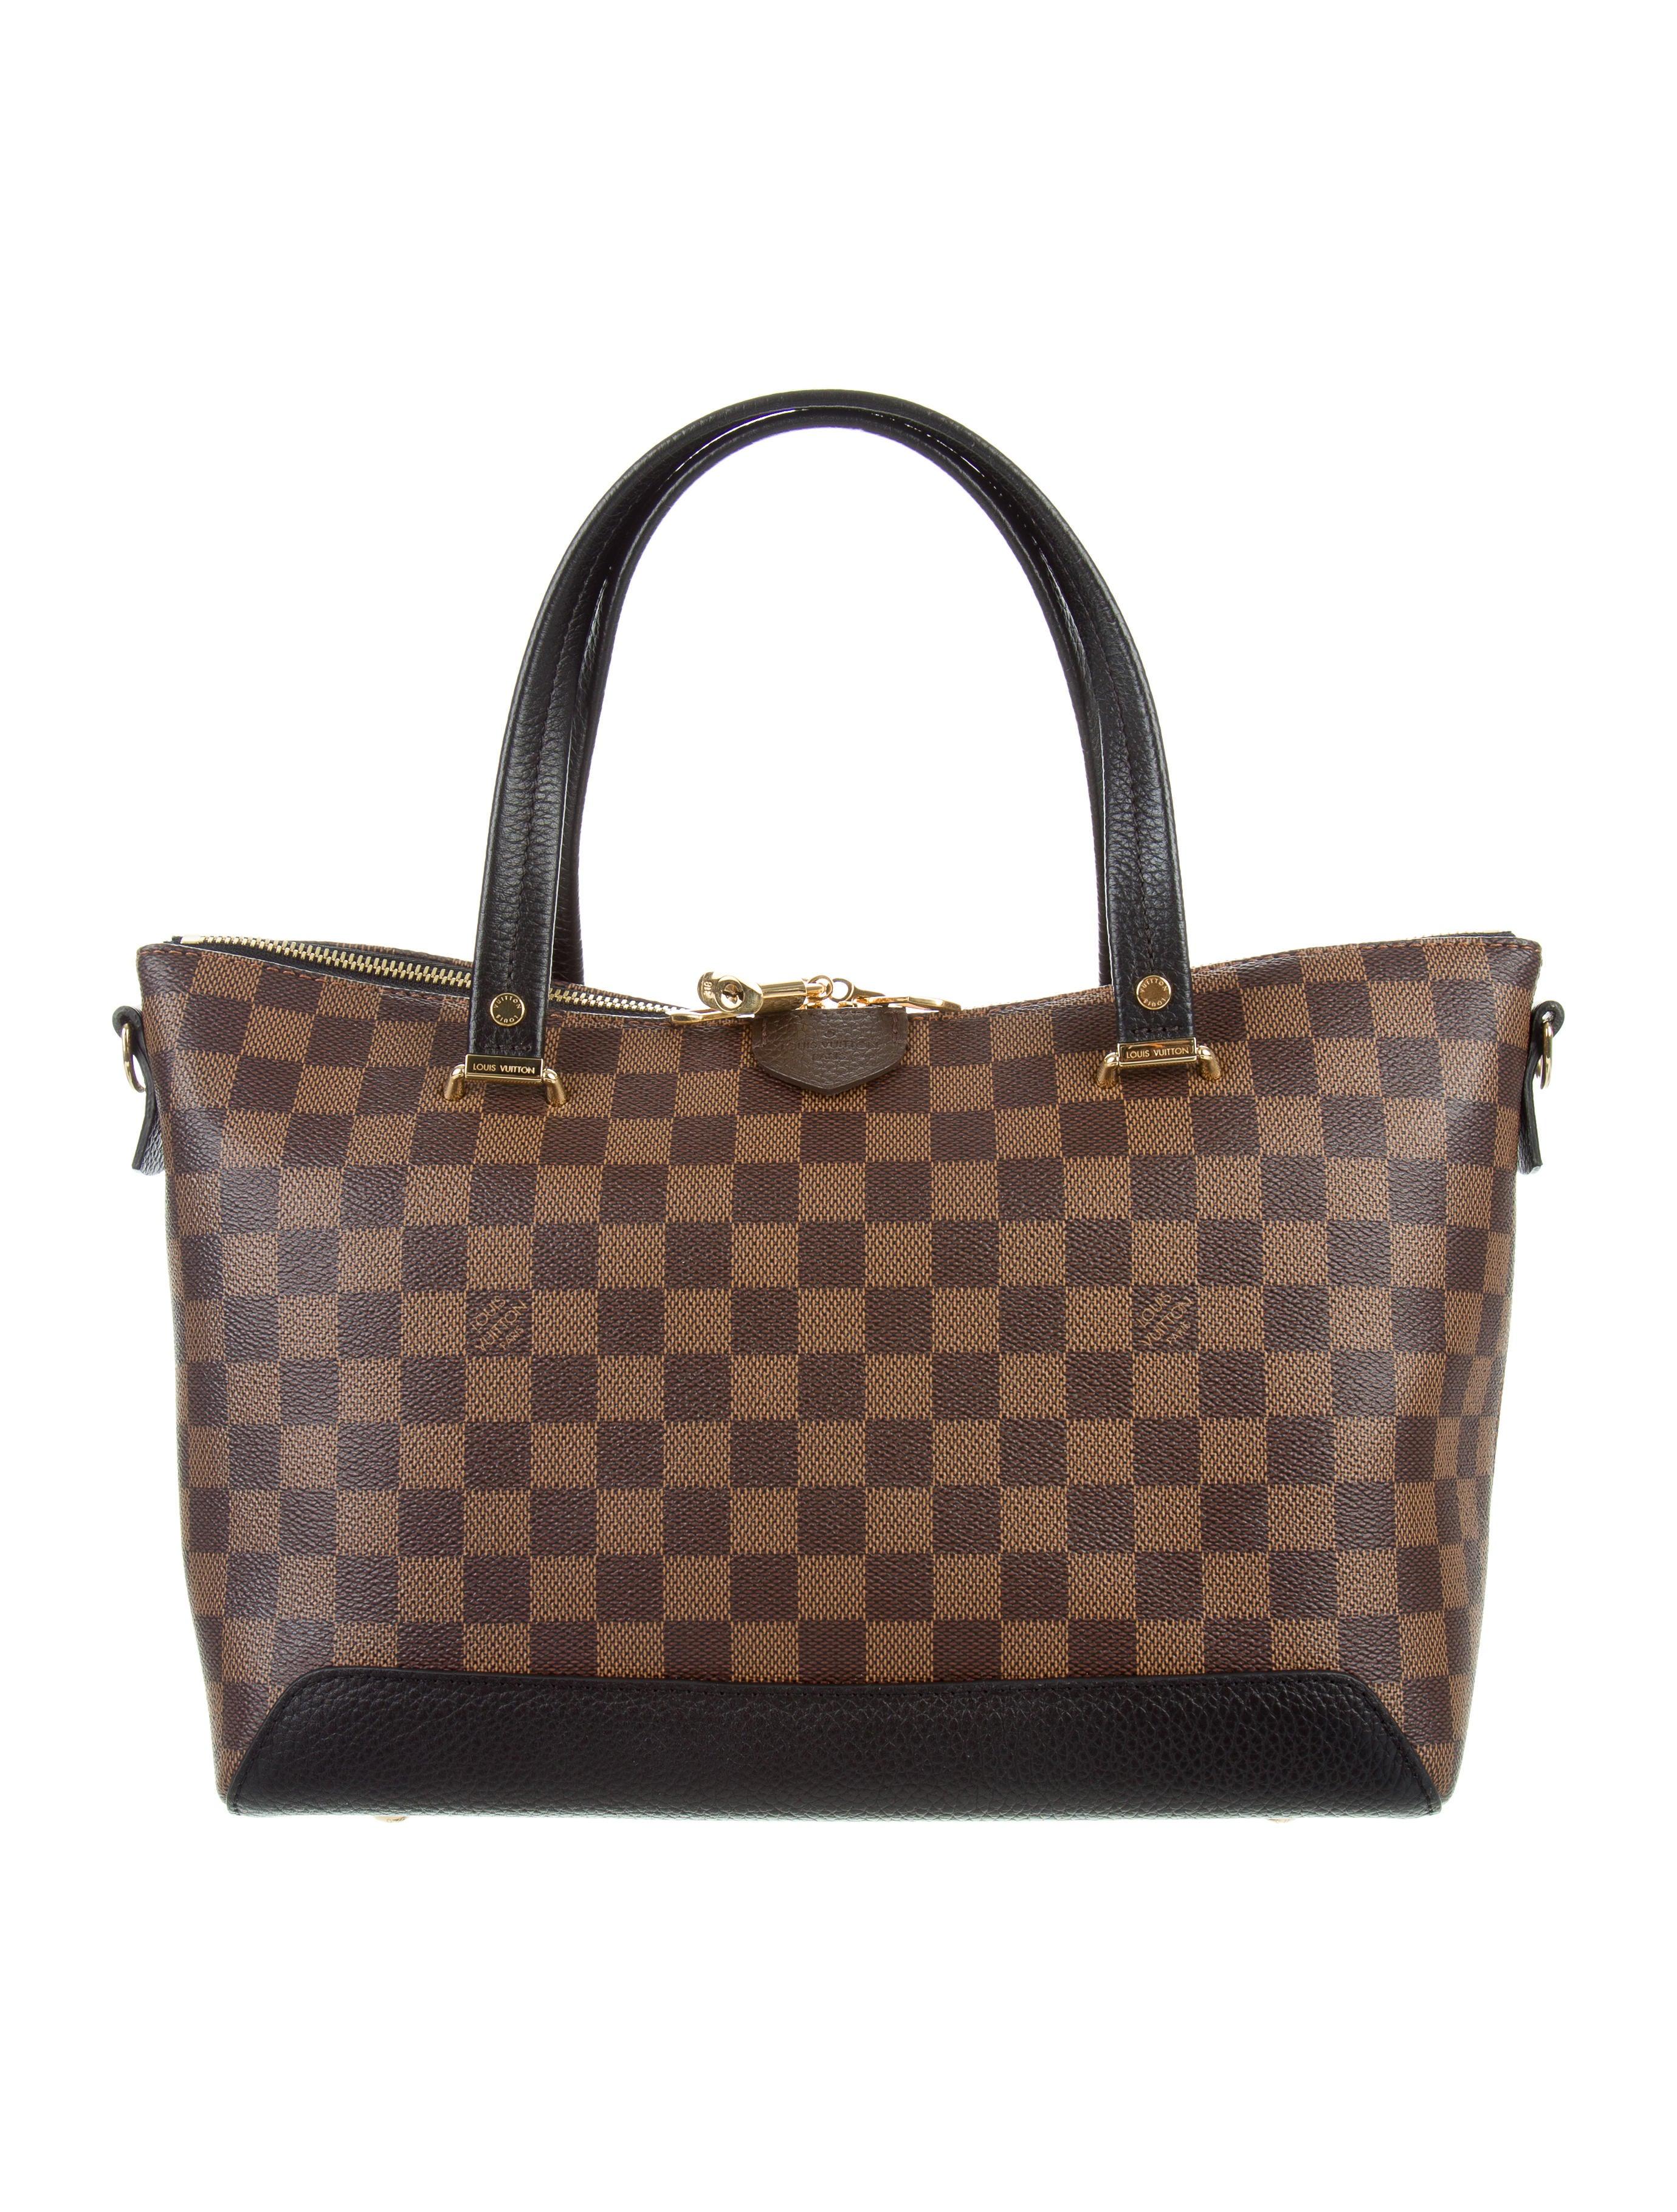 e411a1216c3 Louis Vuitton 2016 Damier Ebene Hyde Park Bag - Handbags - LOU117931 ...